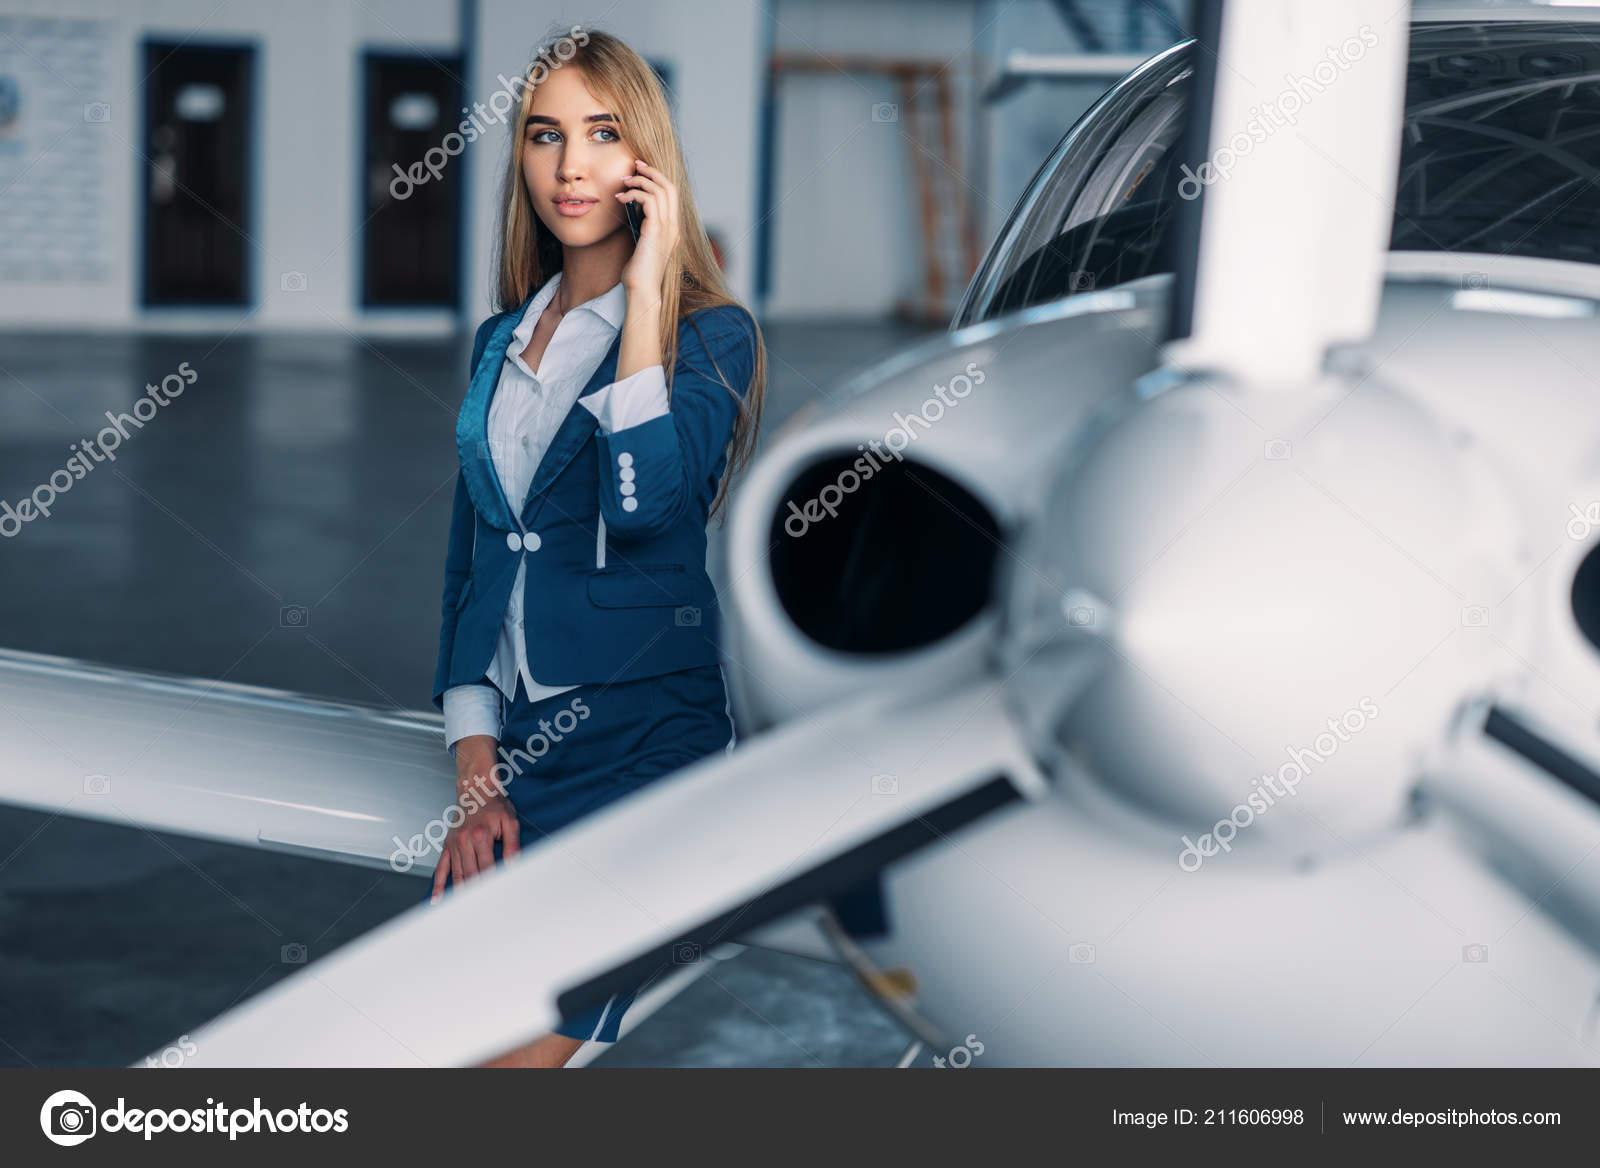 anzug im flugzeug